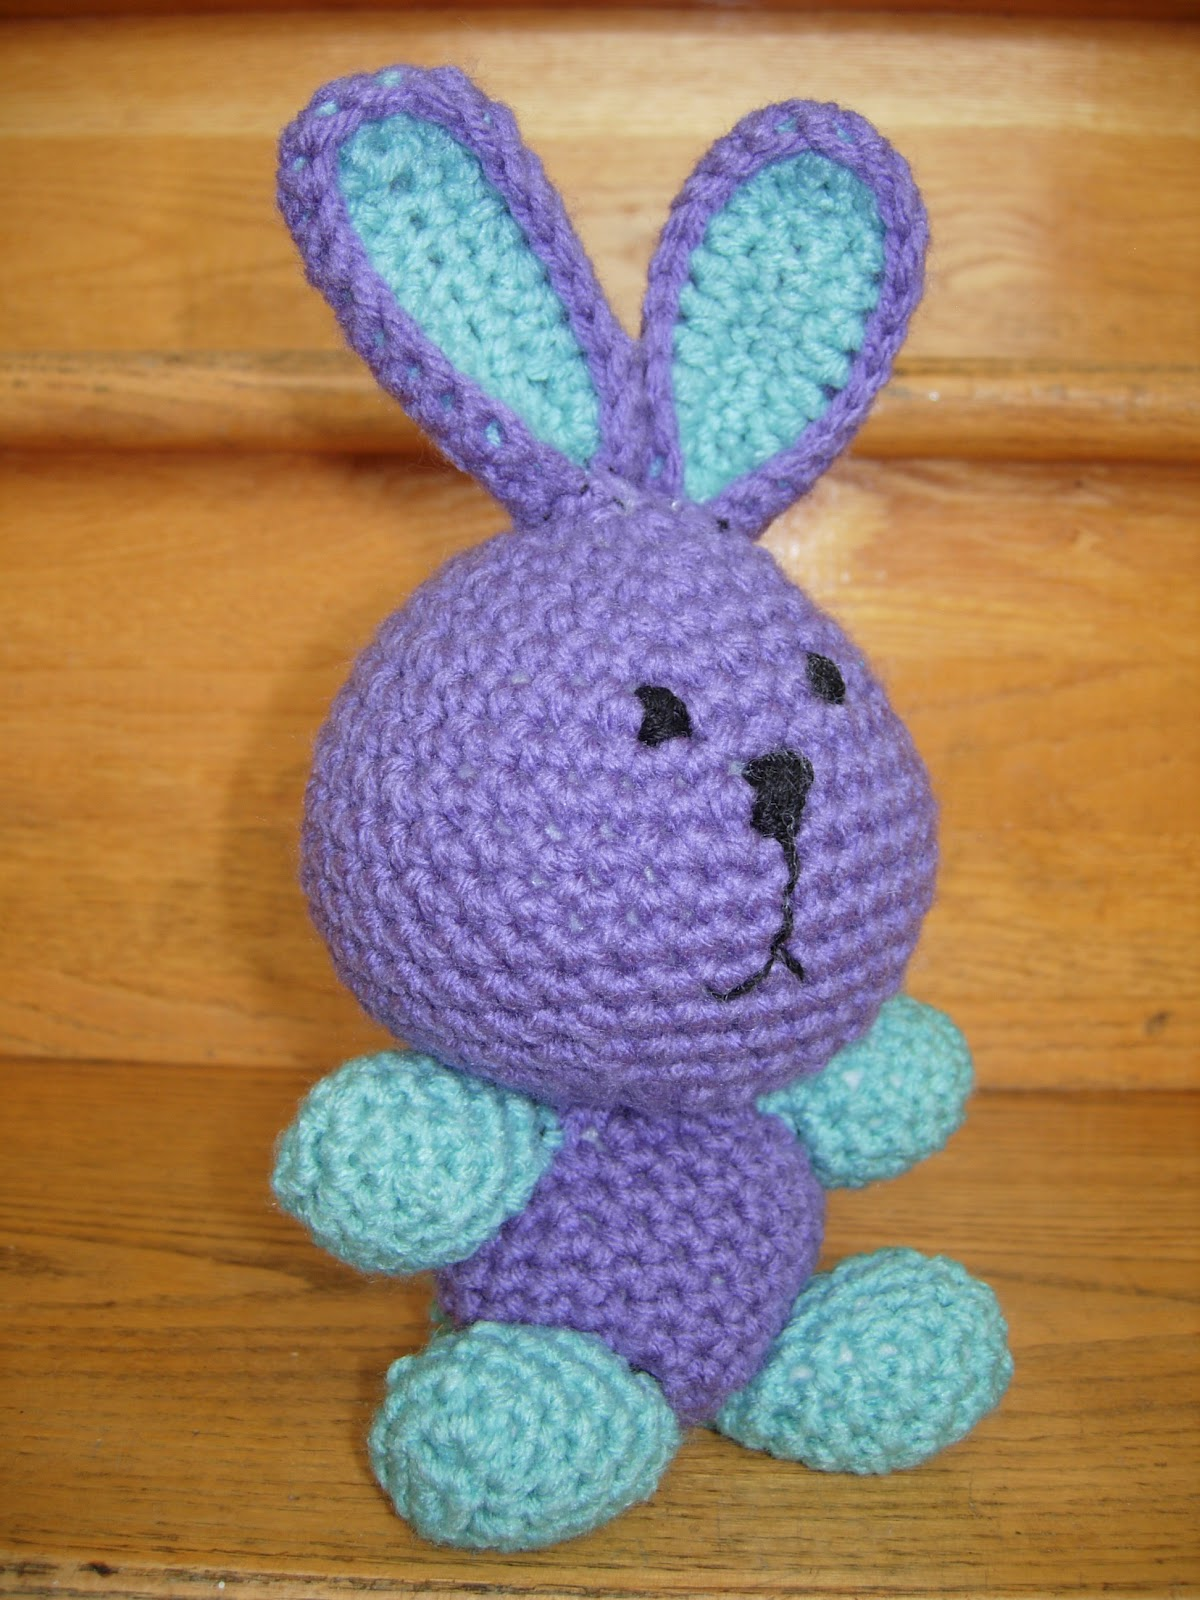 Amigurumi Bunny Face : Krazy Kabbage: Purple Amigurumi Bunny